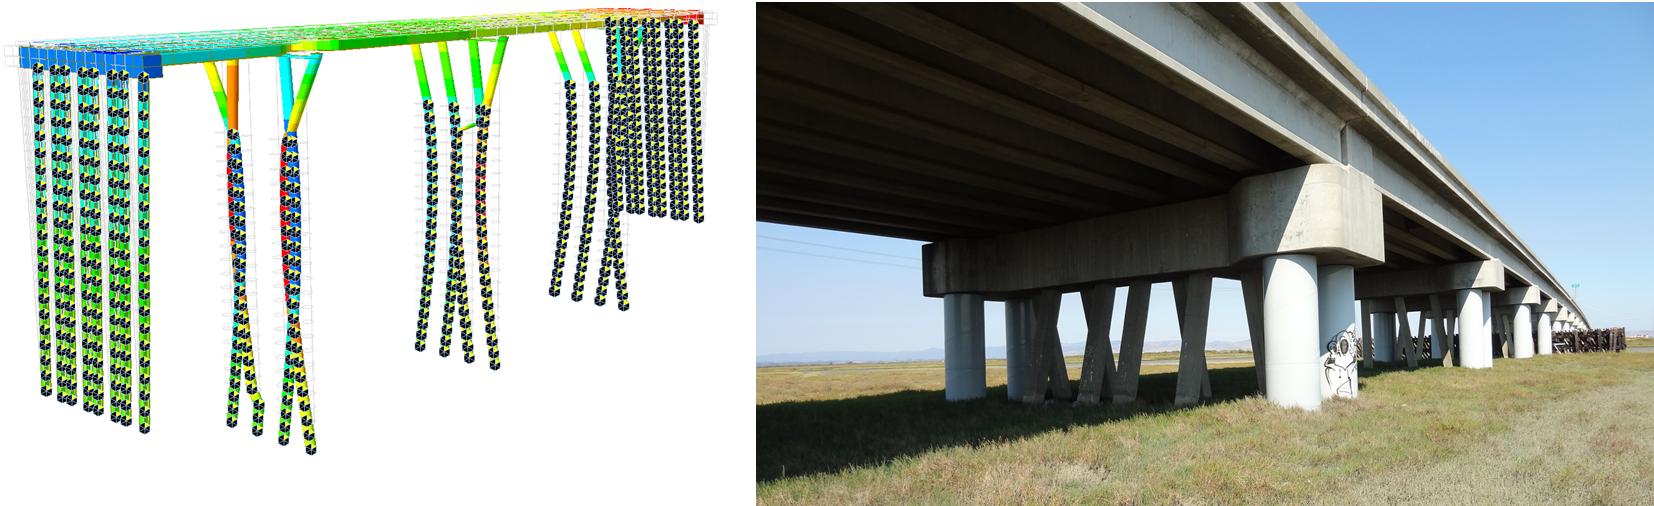 Licensed-Bridge Model-MIDASoft